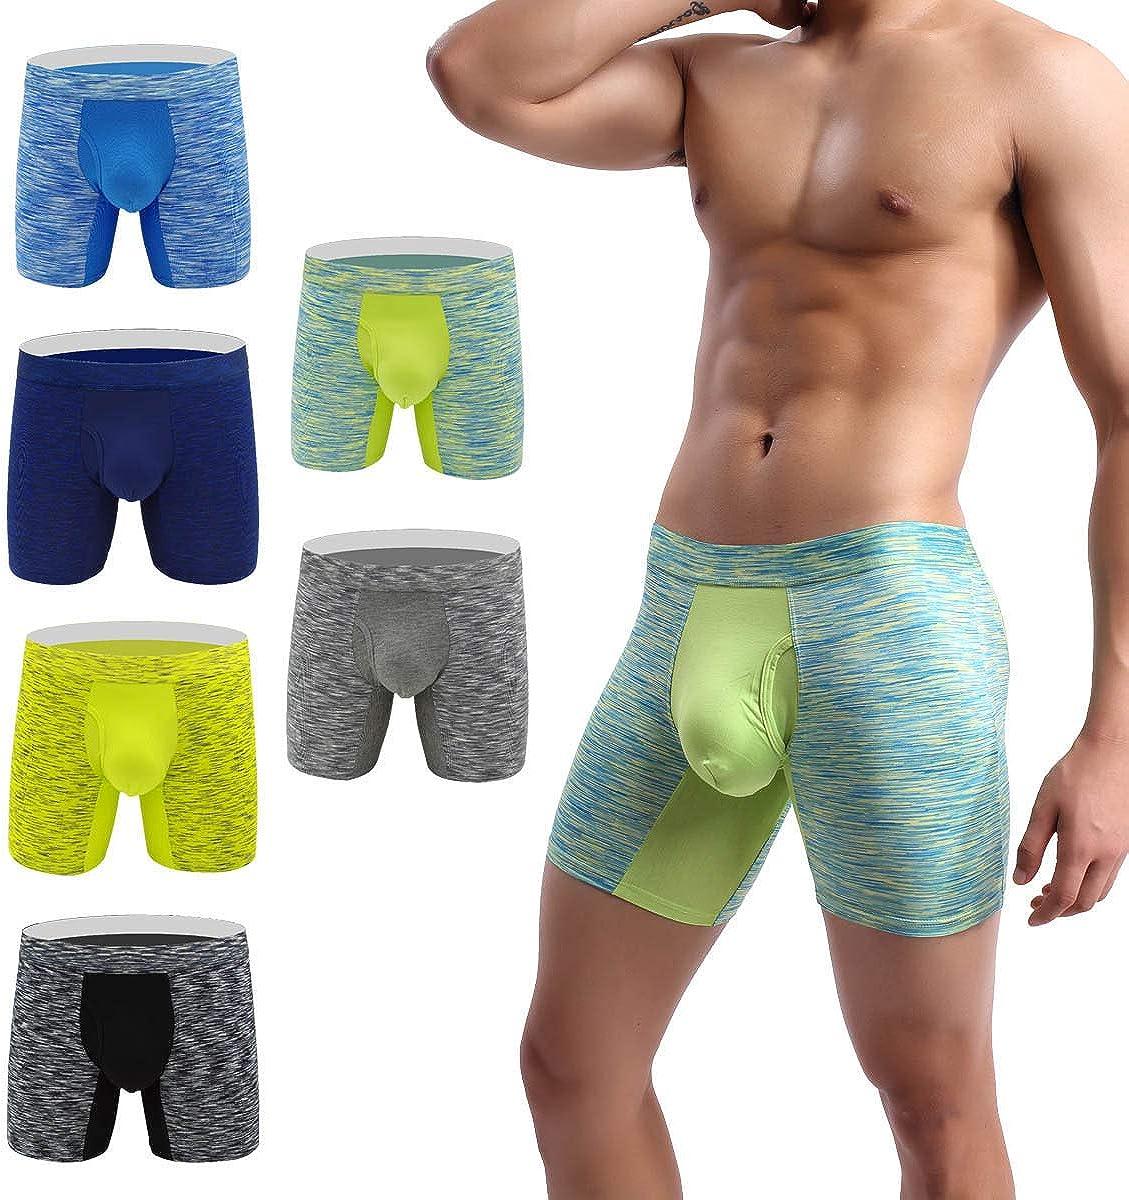 YuKaiChen Men's Pouch Underwear Performance No Ride Up Boxer Briefs